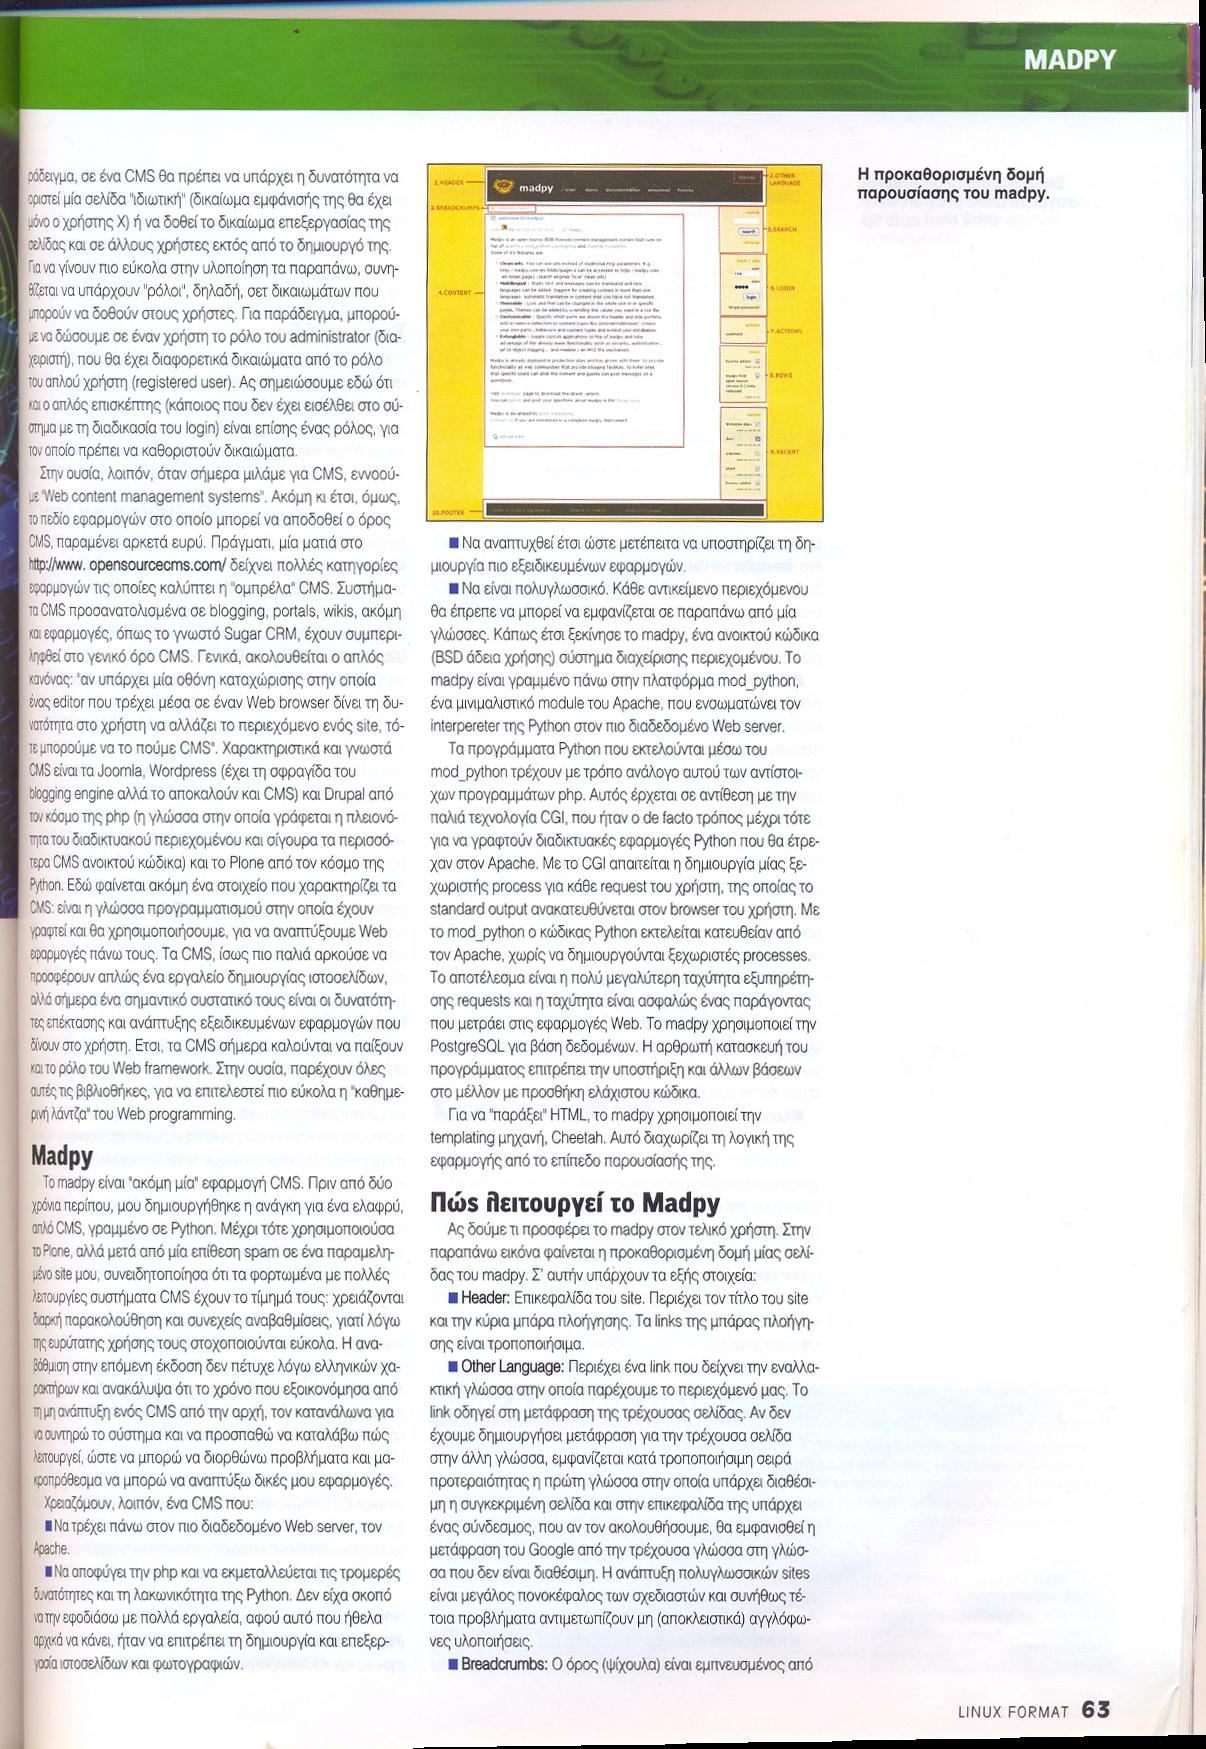 παρουσίαση madpy στο linux format - σελίδα 2